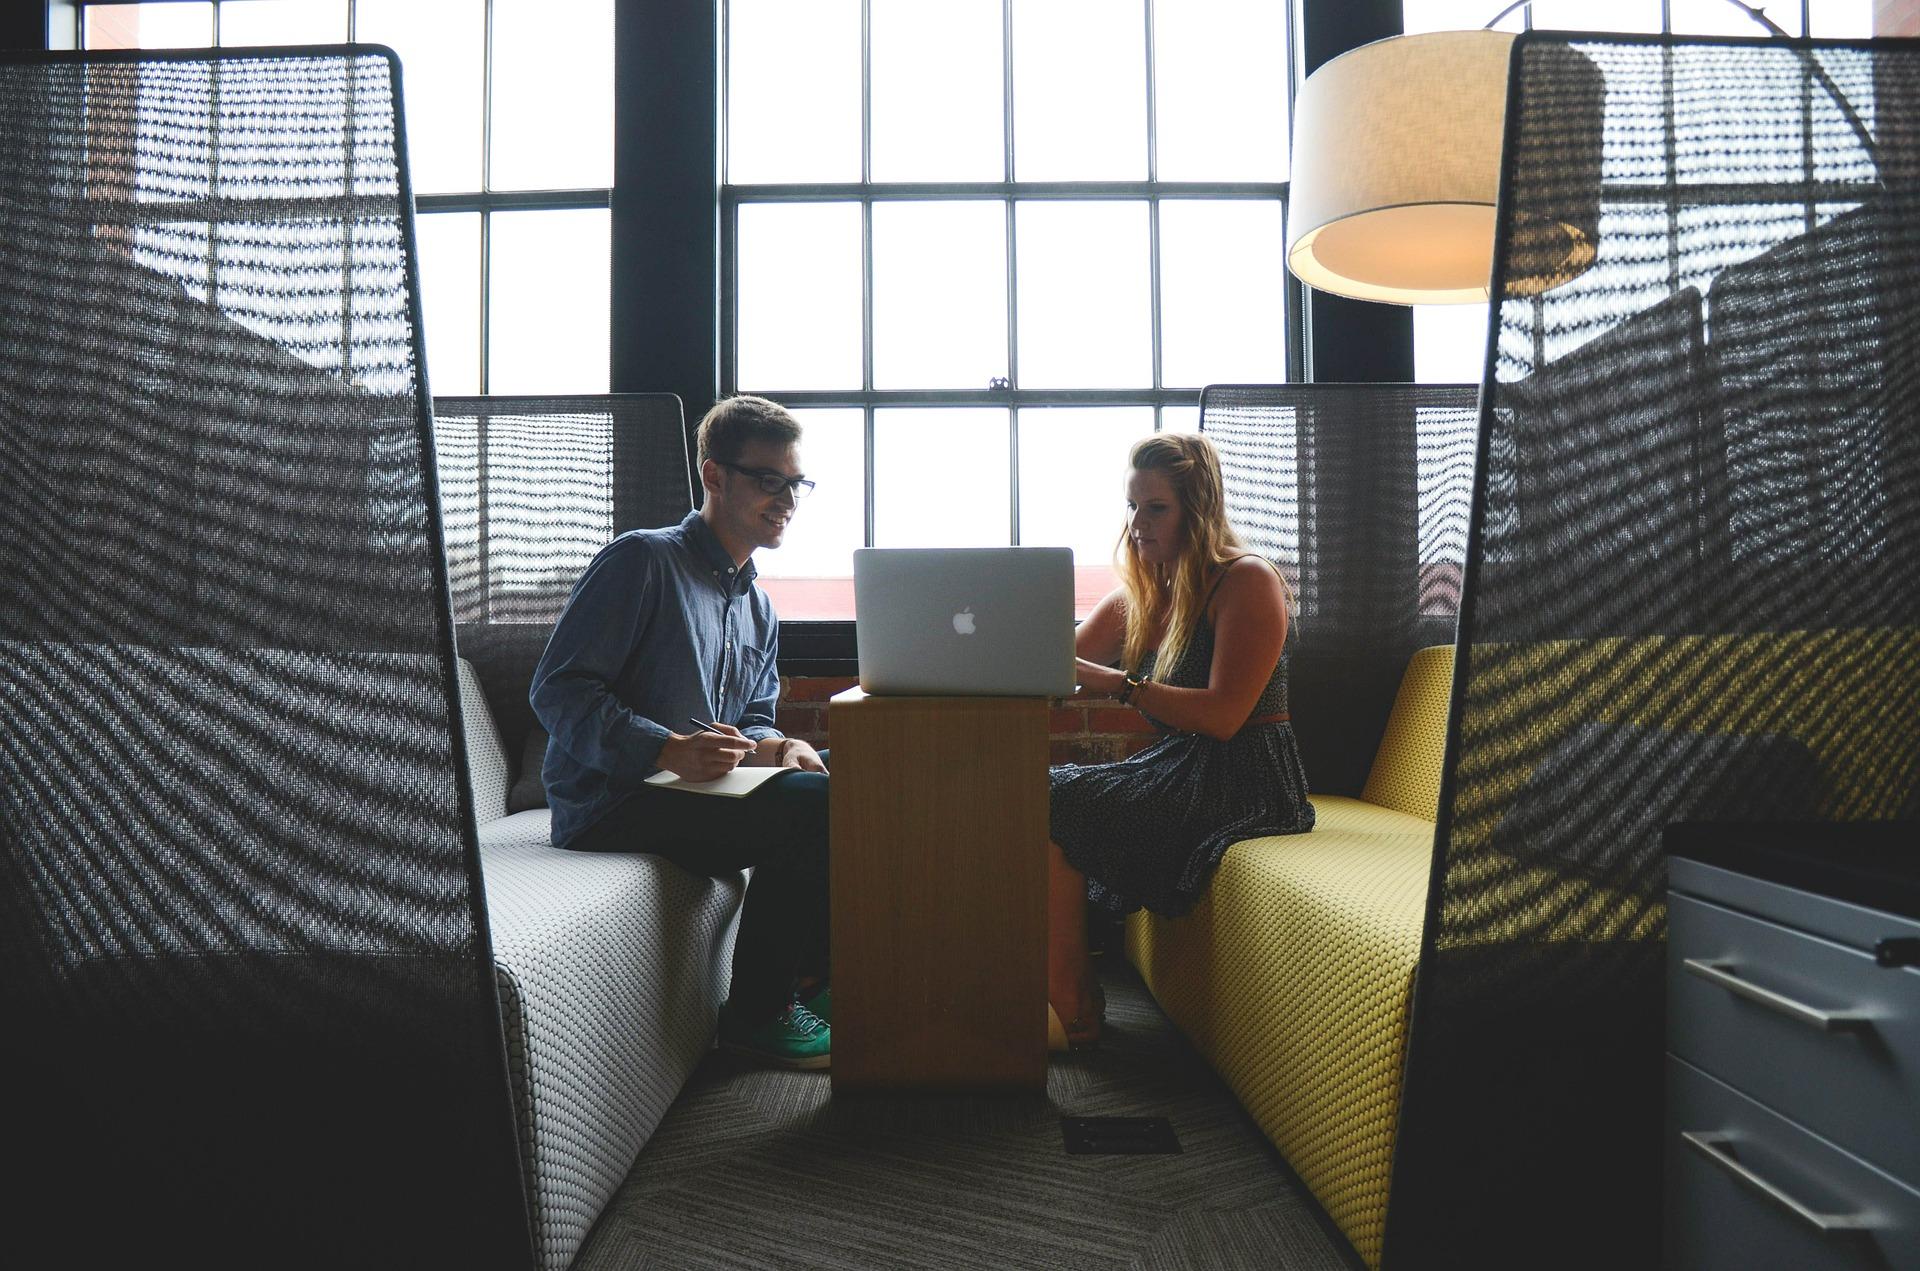 פרילאנסרים ועצמאיים: איך להיערך לפגישה עם לקוח פוטנציאלי?